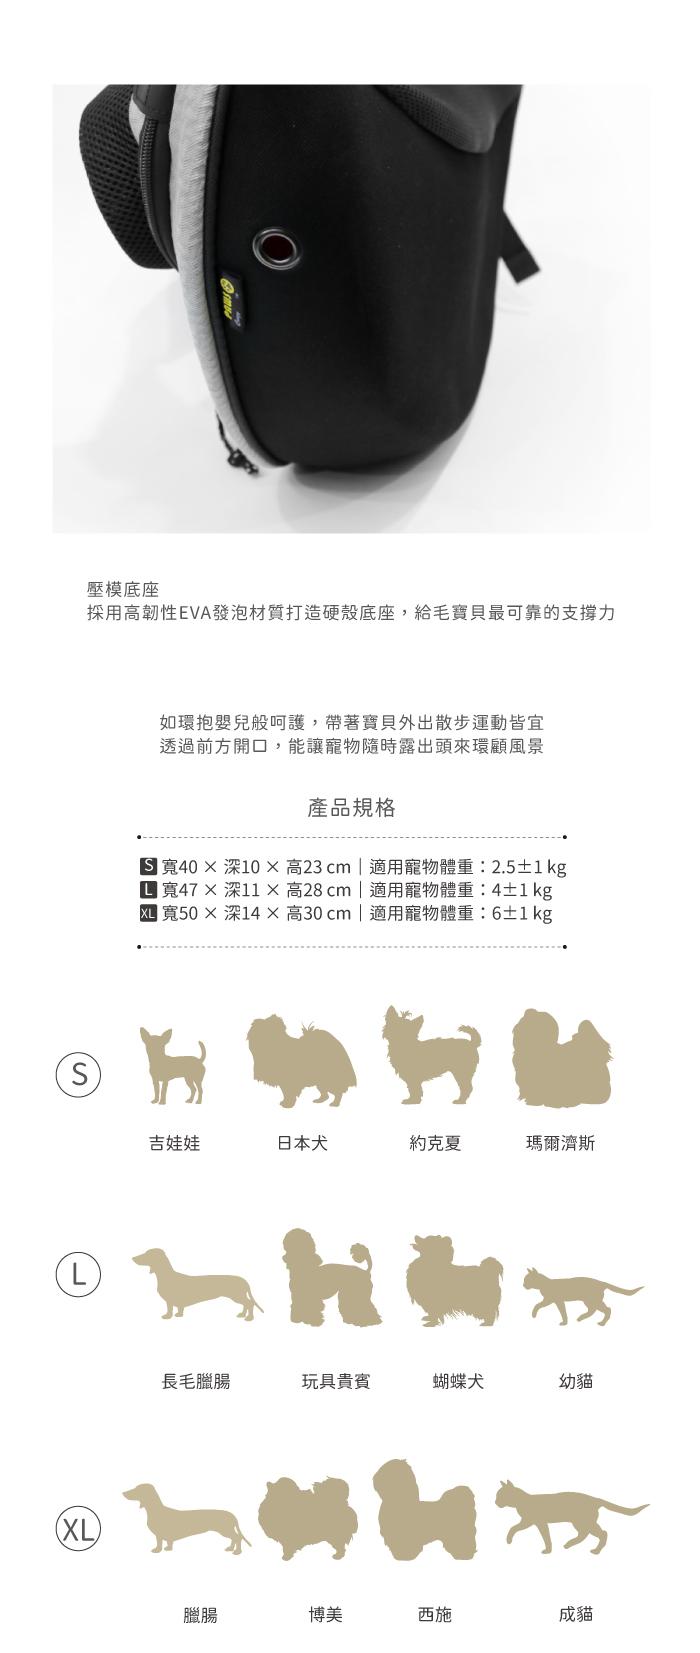 (複製)BIGGER 瘋狂爪子球帽窩(帽舌可拆)-貓抓版S